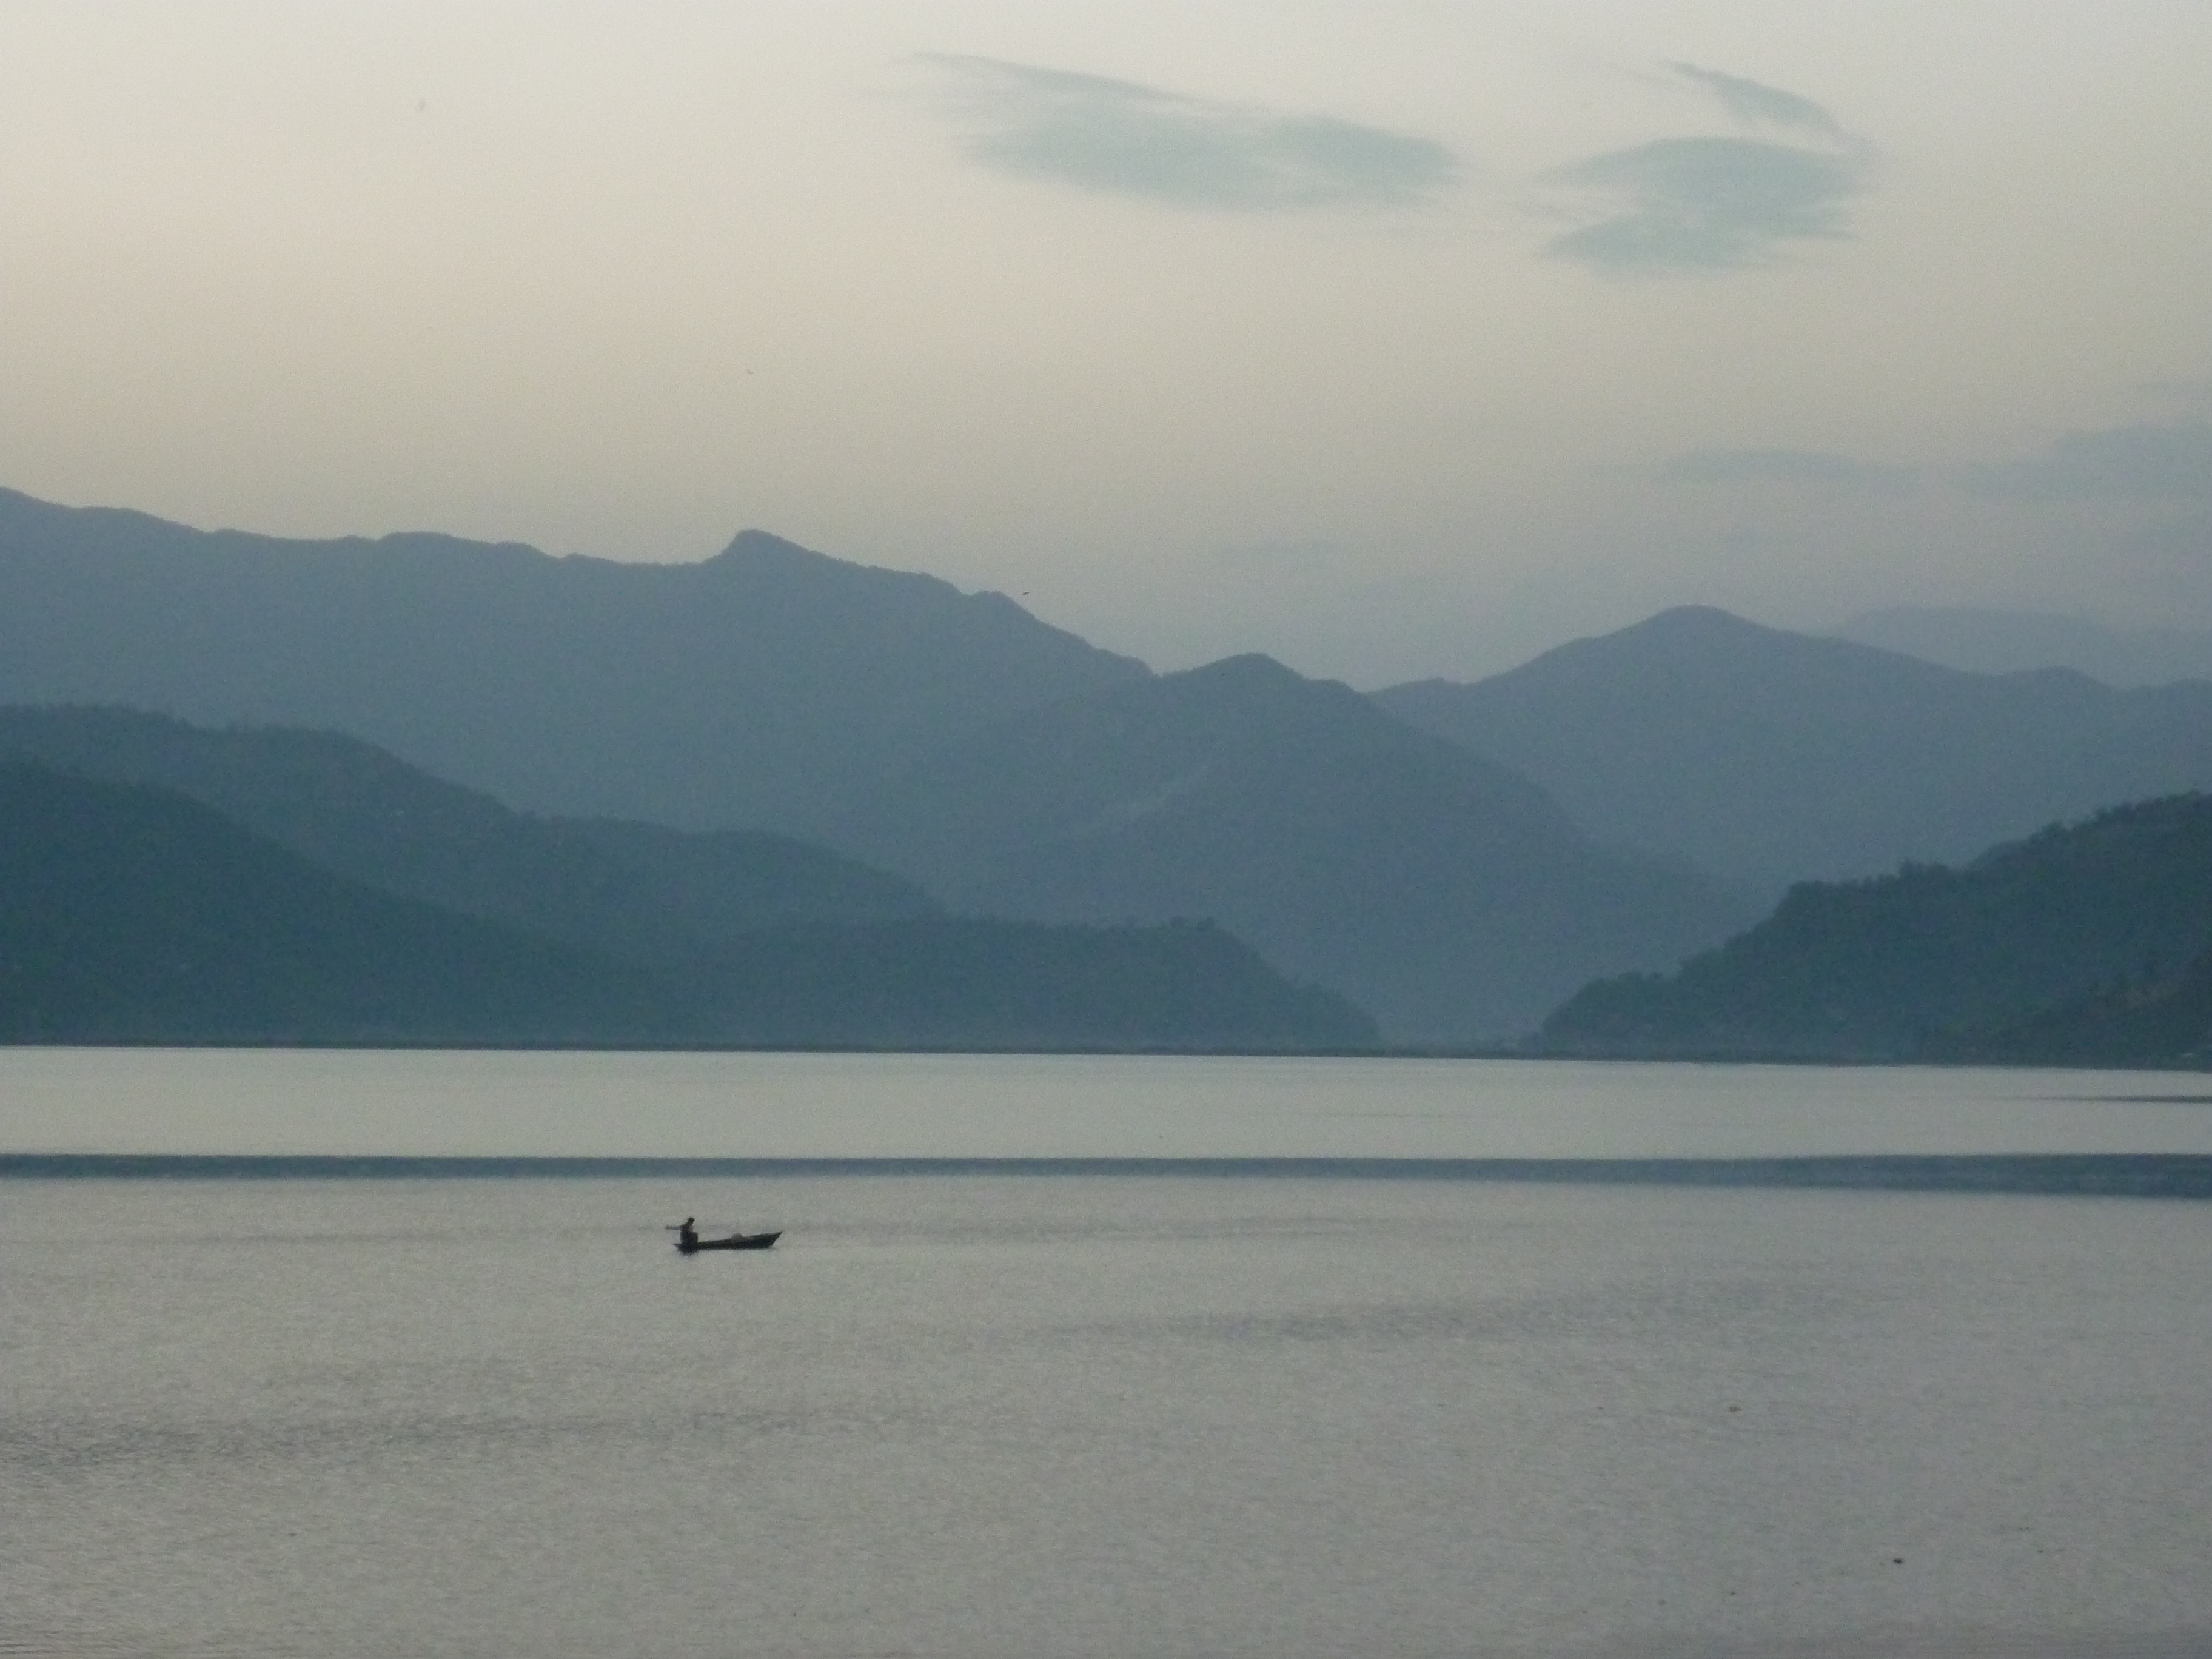 Pokhara // Auf dem Weg durch Nepal stoße ich auf Pokhara. Hippies waren die ersten, die diese Kleinstadt am See, im Schatten des Annapurna-Massivs, für sich entdeckten. Mittlerweile hat sich Pokhara zu einem beliebten Reiseziel entwickelt, trotzdem kann man dem Trubel mit Spaziergängen in die umliegende Natur entgehen. Beim Umwandern des Sees genieße ich die Einsamkeit, erkenne unglaubliche Graustufen, entdecke ich die Augen Gottes im Himmel (siehe Foto) und spüre so etwas wie Schöpfung in der Natur. Doch allzu viel Einsamkeit kann auch Trugbilder erschaffen und so reise ich weiter in die Hauptstadt von Nepal ...